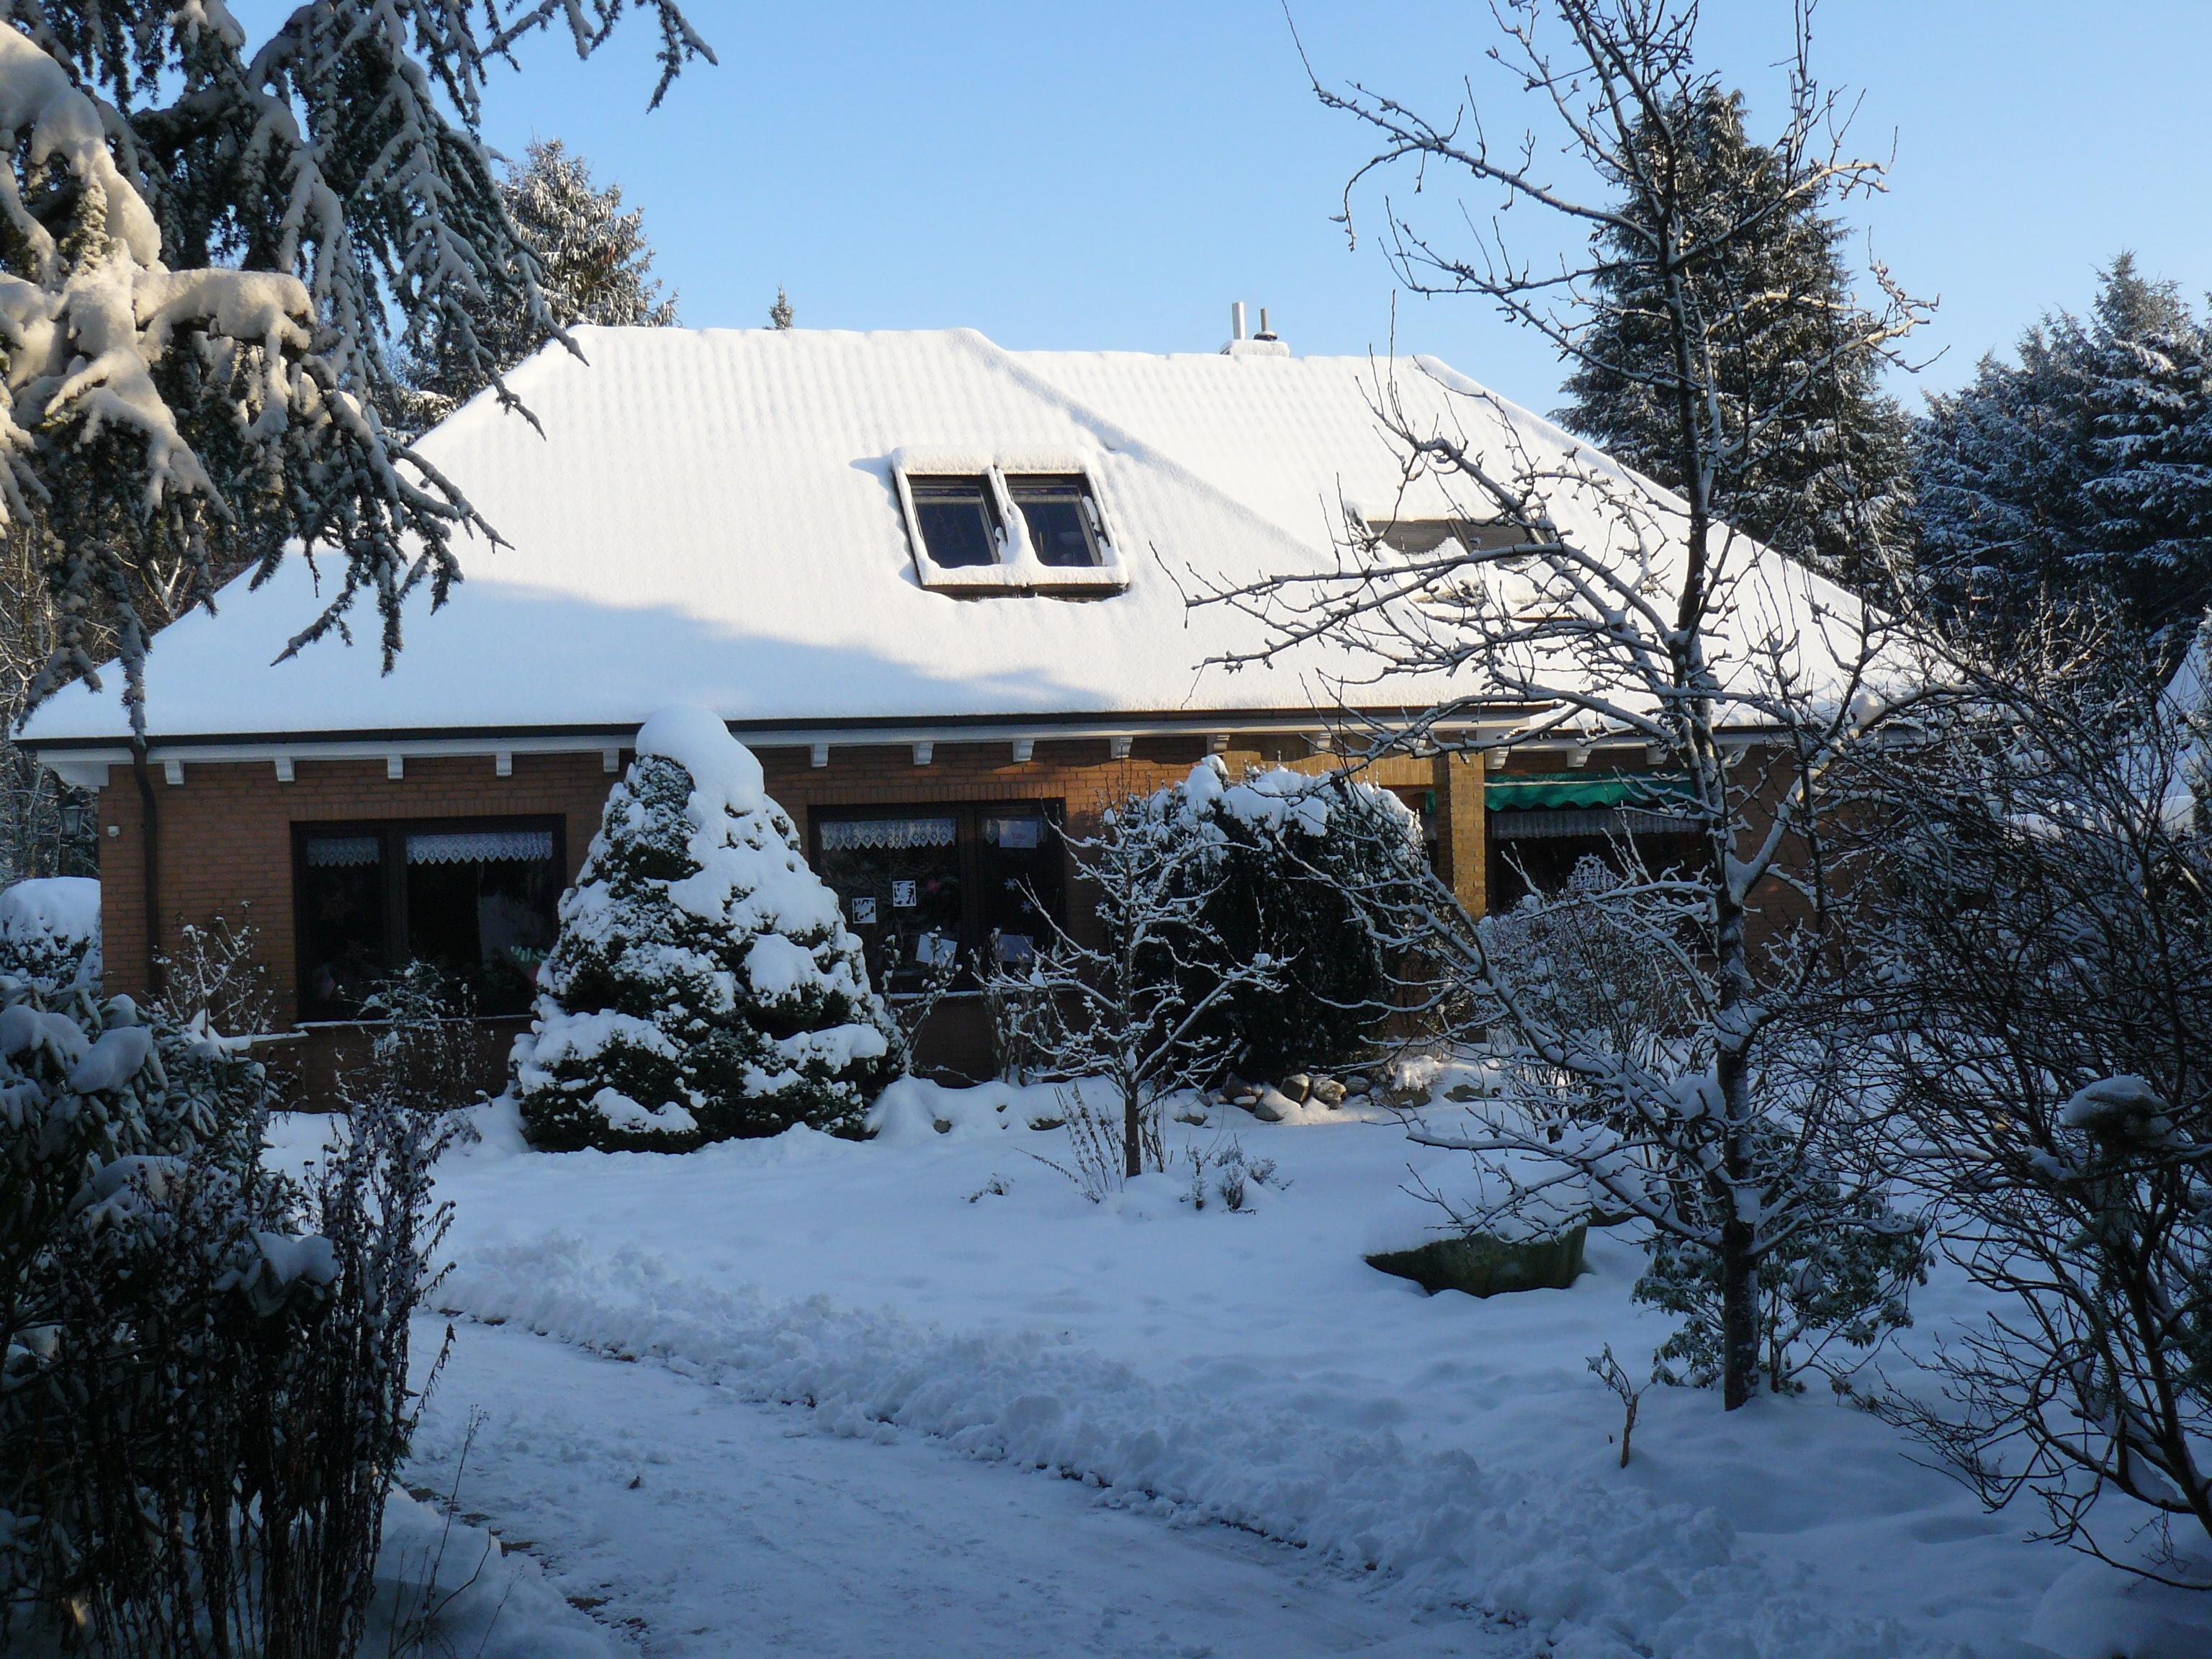 flientje von vorne im Winter 2010